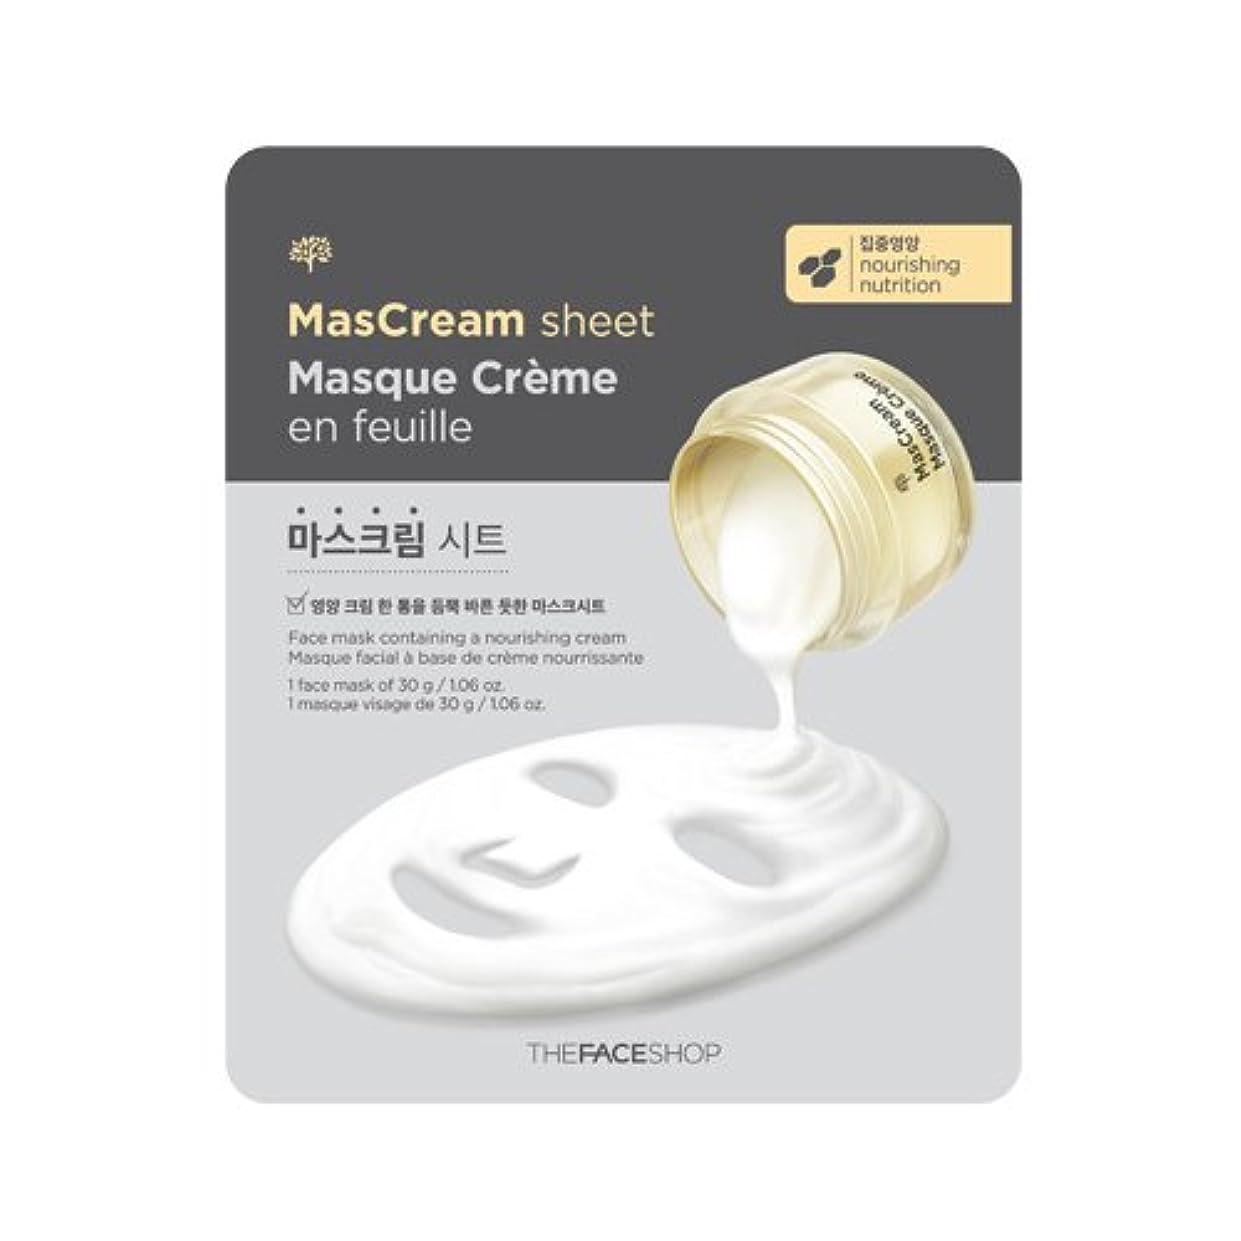 フレキシブル抗生物質亡命ザフェイスショップ [THE FACE SHOP] MASCREAM SHEET x 2sheets マスクリームパック 2枚 (栄養 / NOURISHING) [並行輸入品]